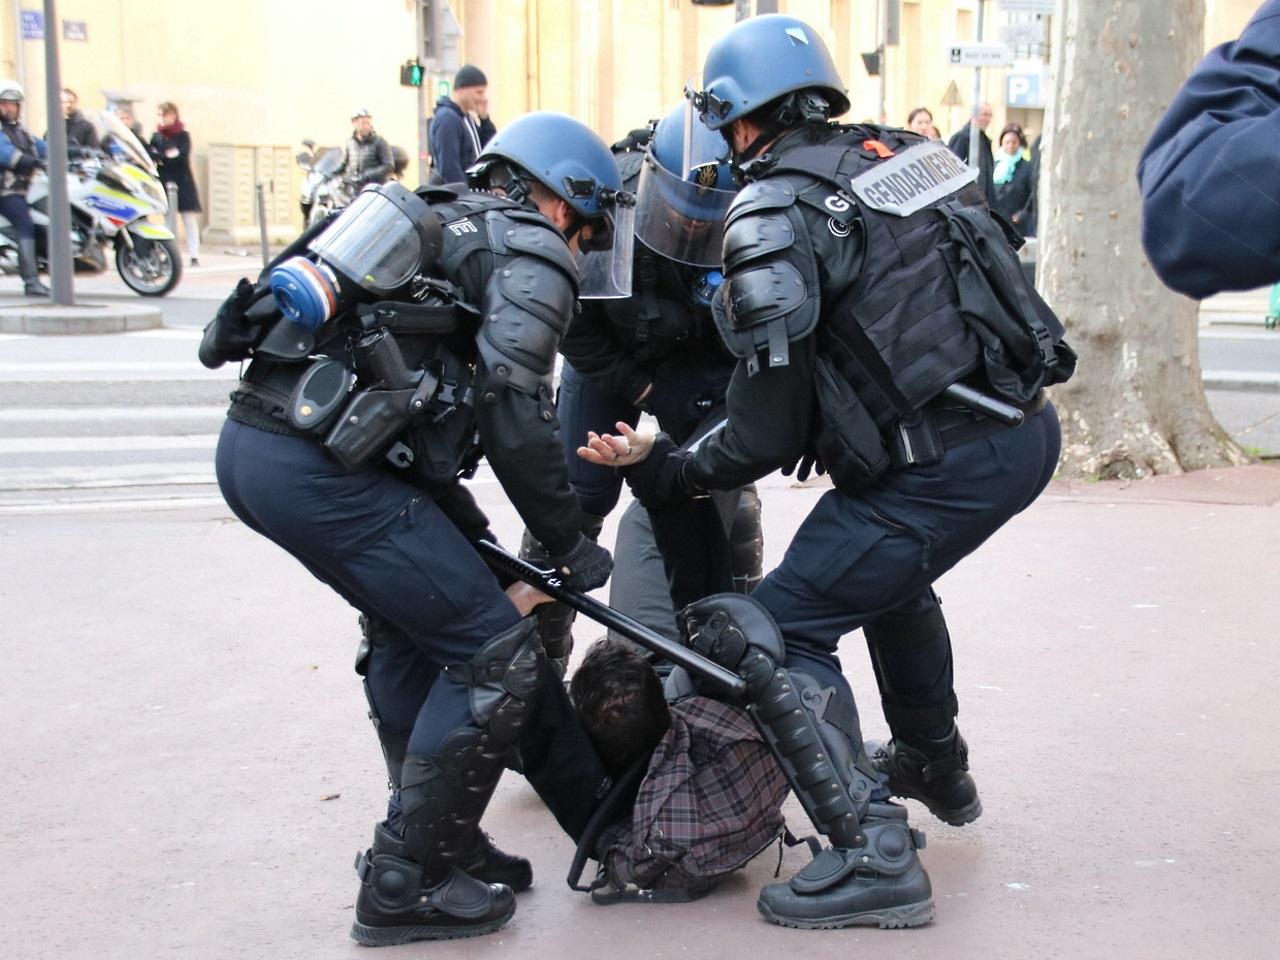 Arrestation lors d'une manifestation contre la loi Travail